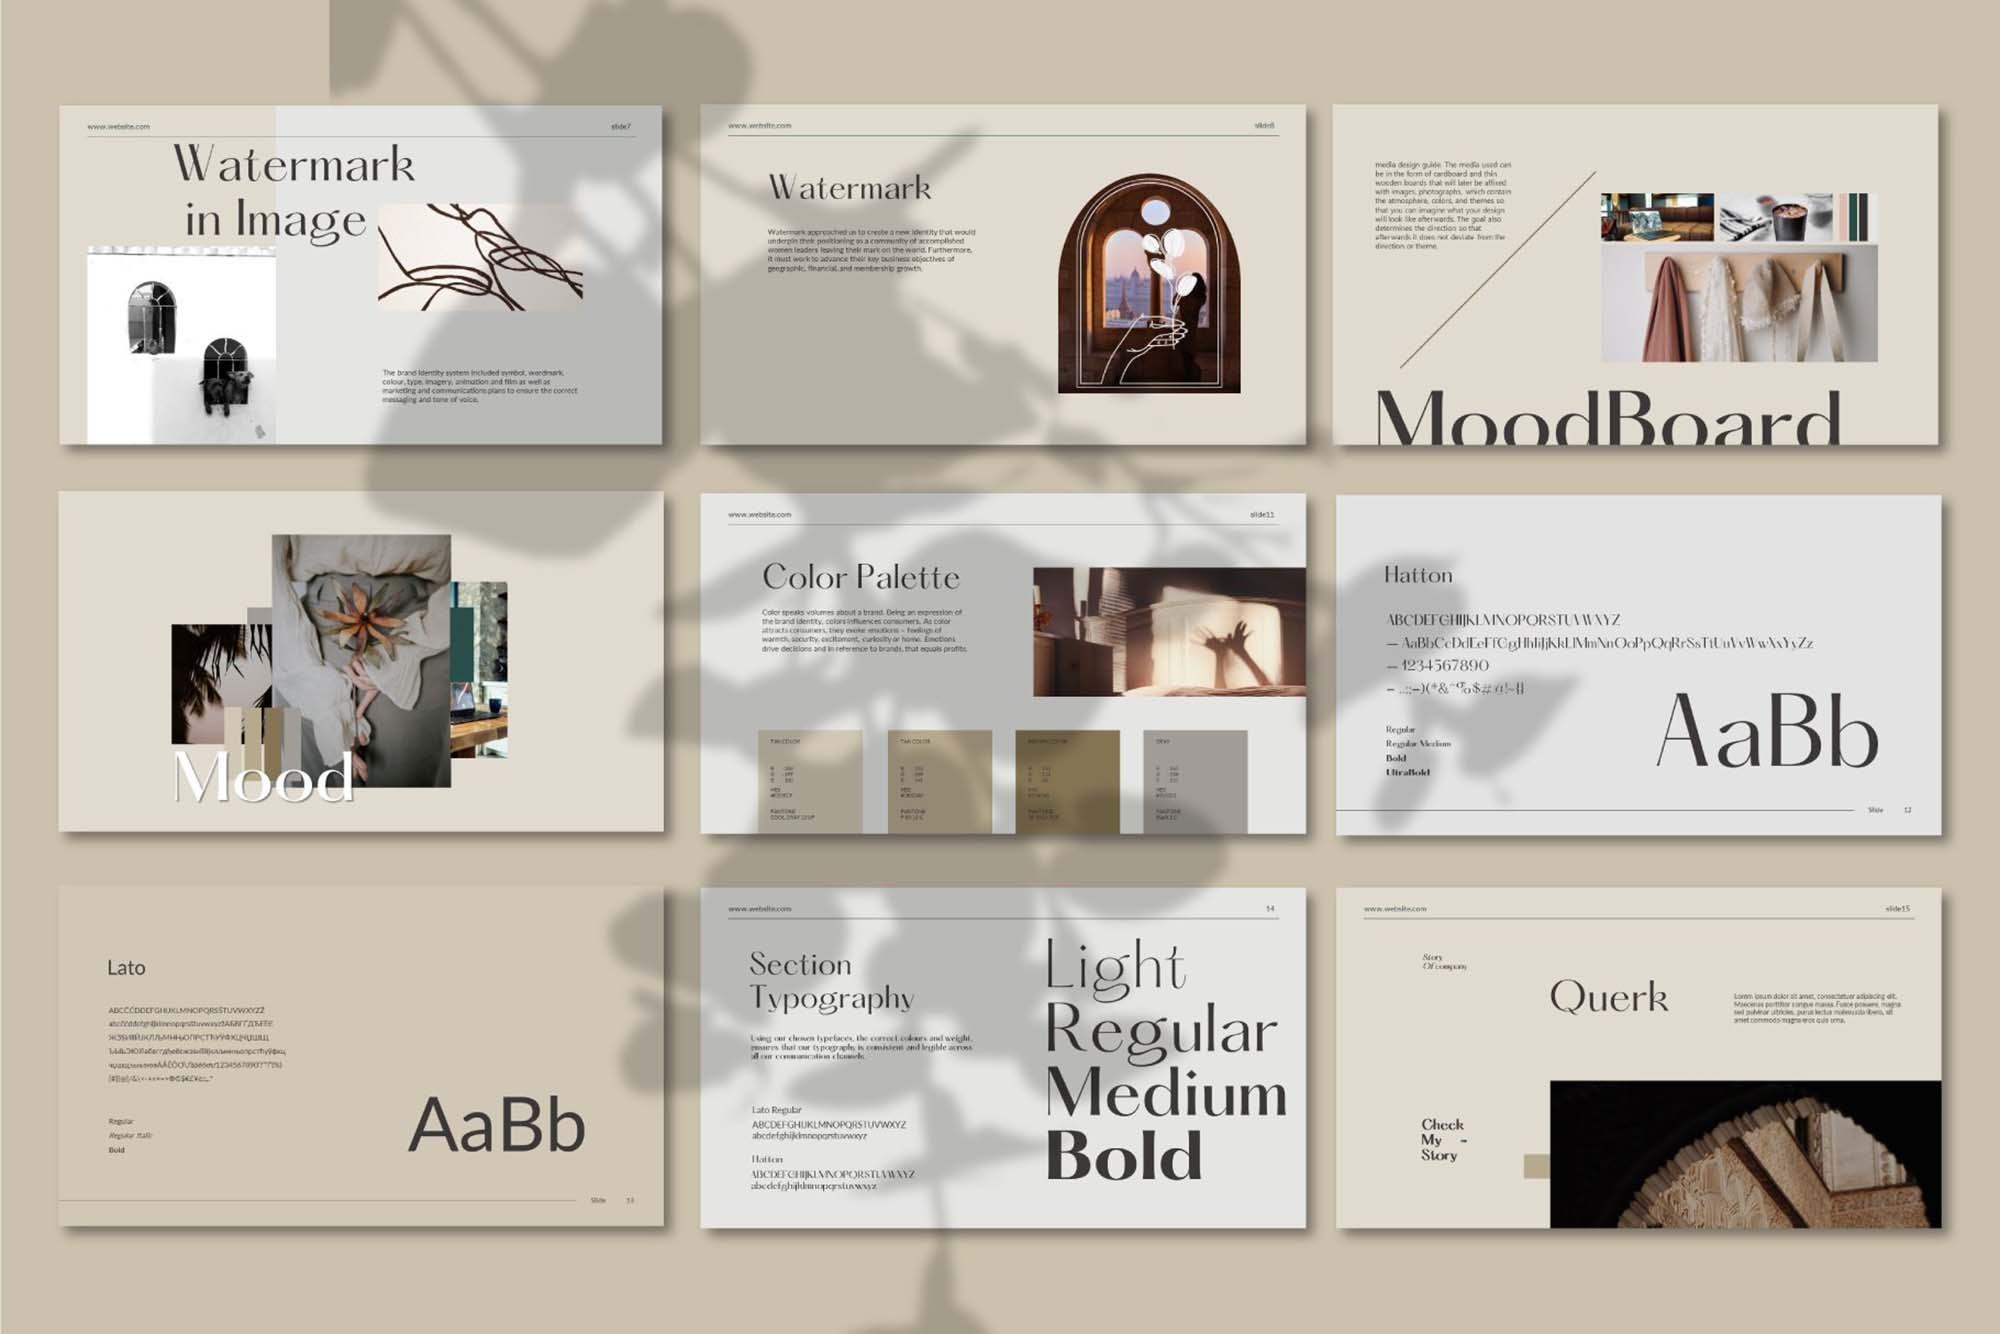 Querk Brand Presentation Template 5